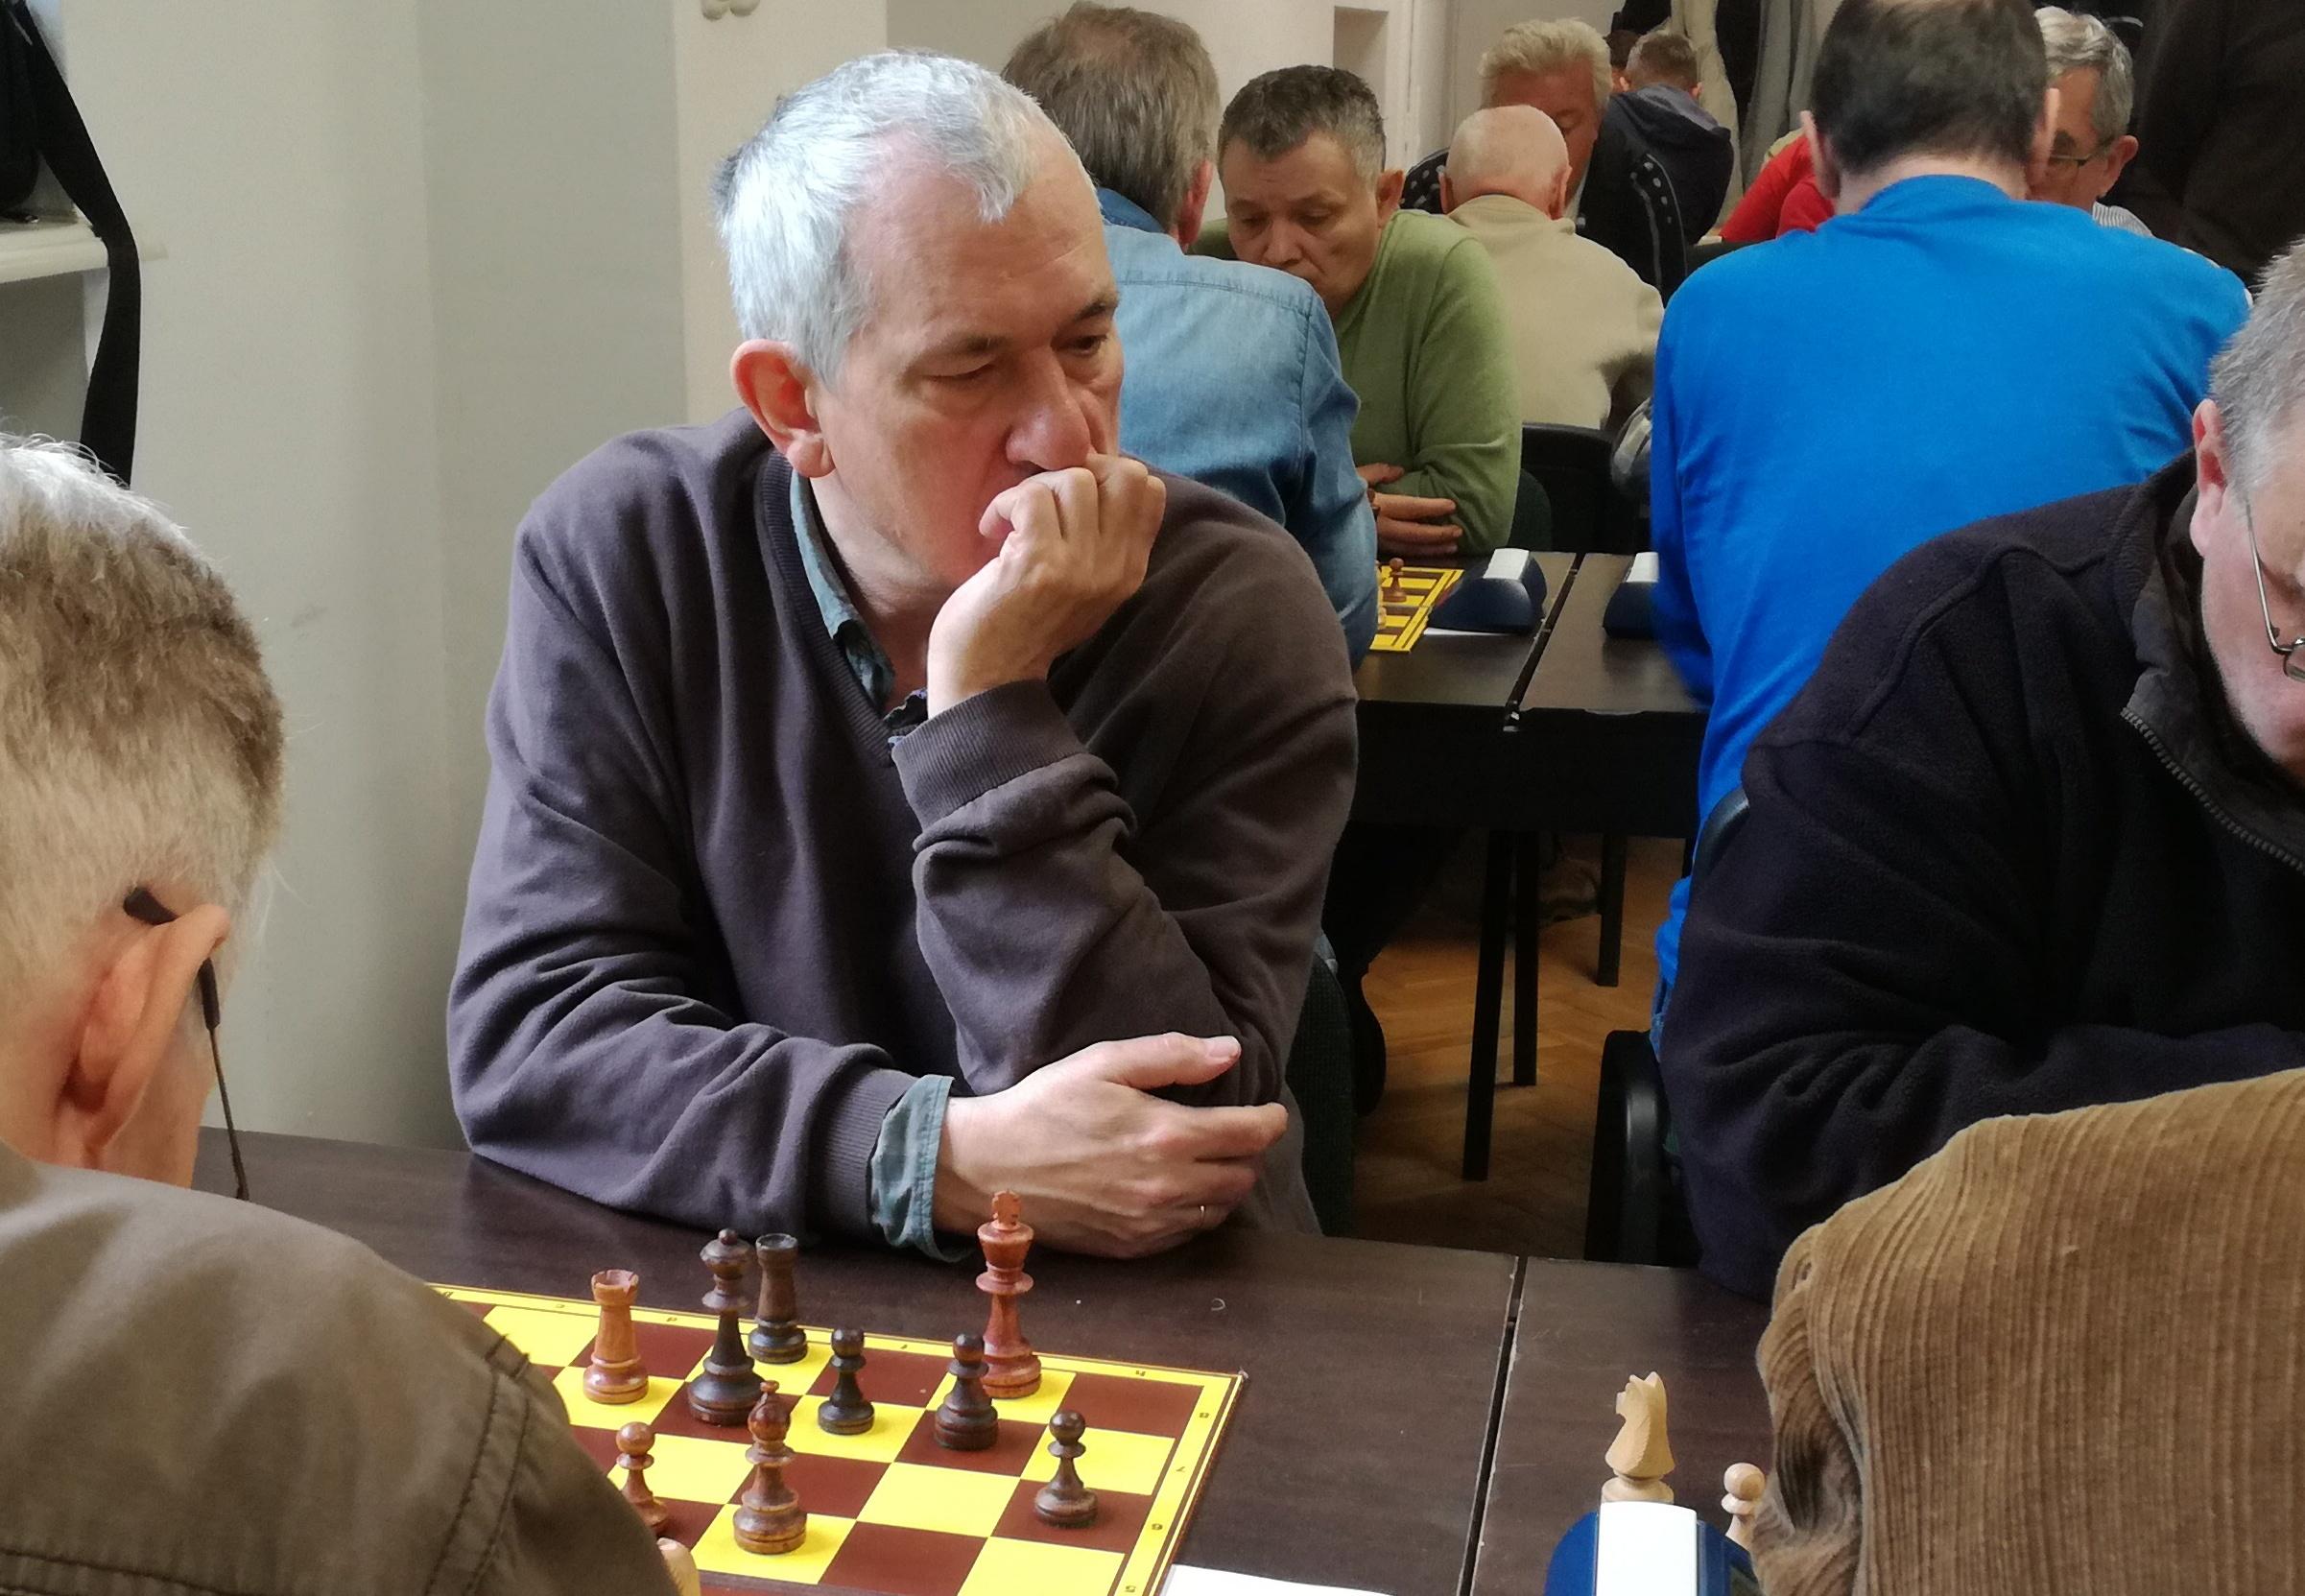 Franciszek Borkowski wygrywa w memoriale Piotra Jagieły